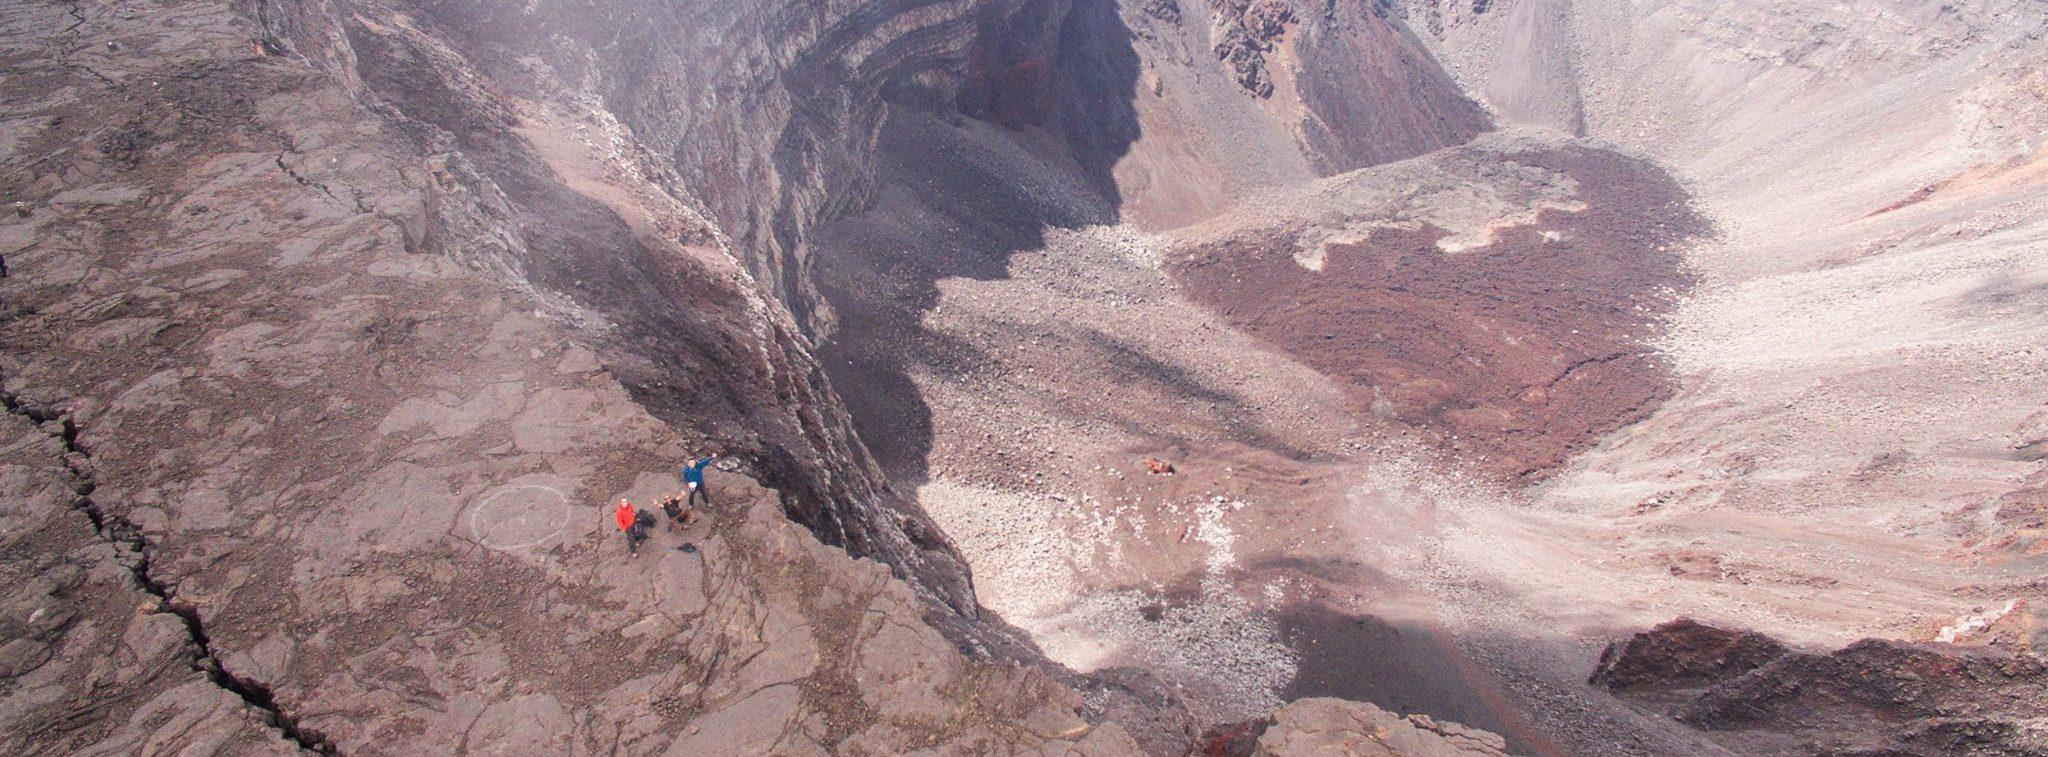 Randonnées hors des sentiers battus sur le Piton de la Fournaise